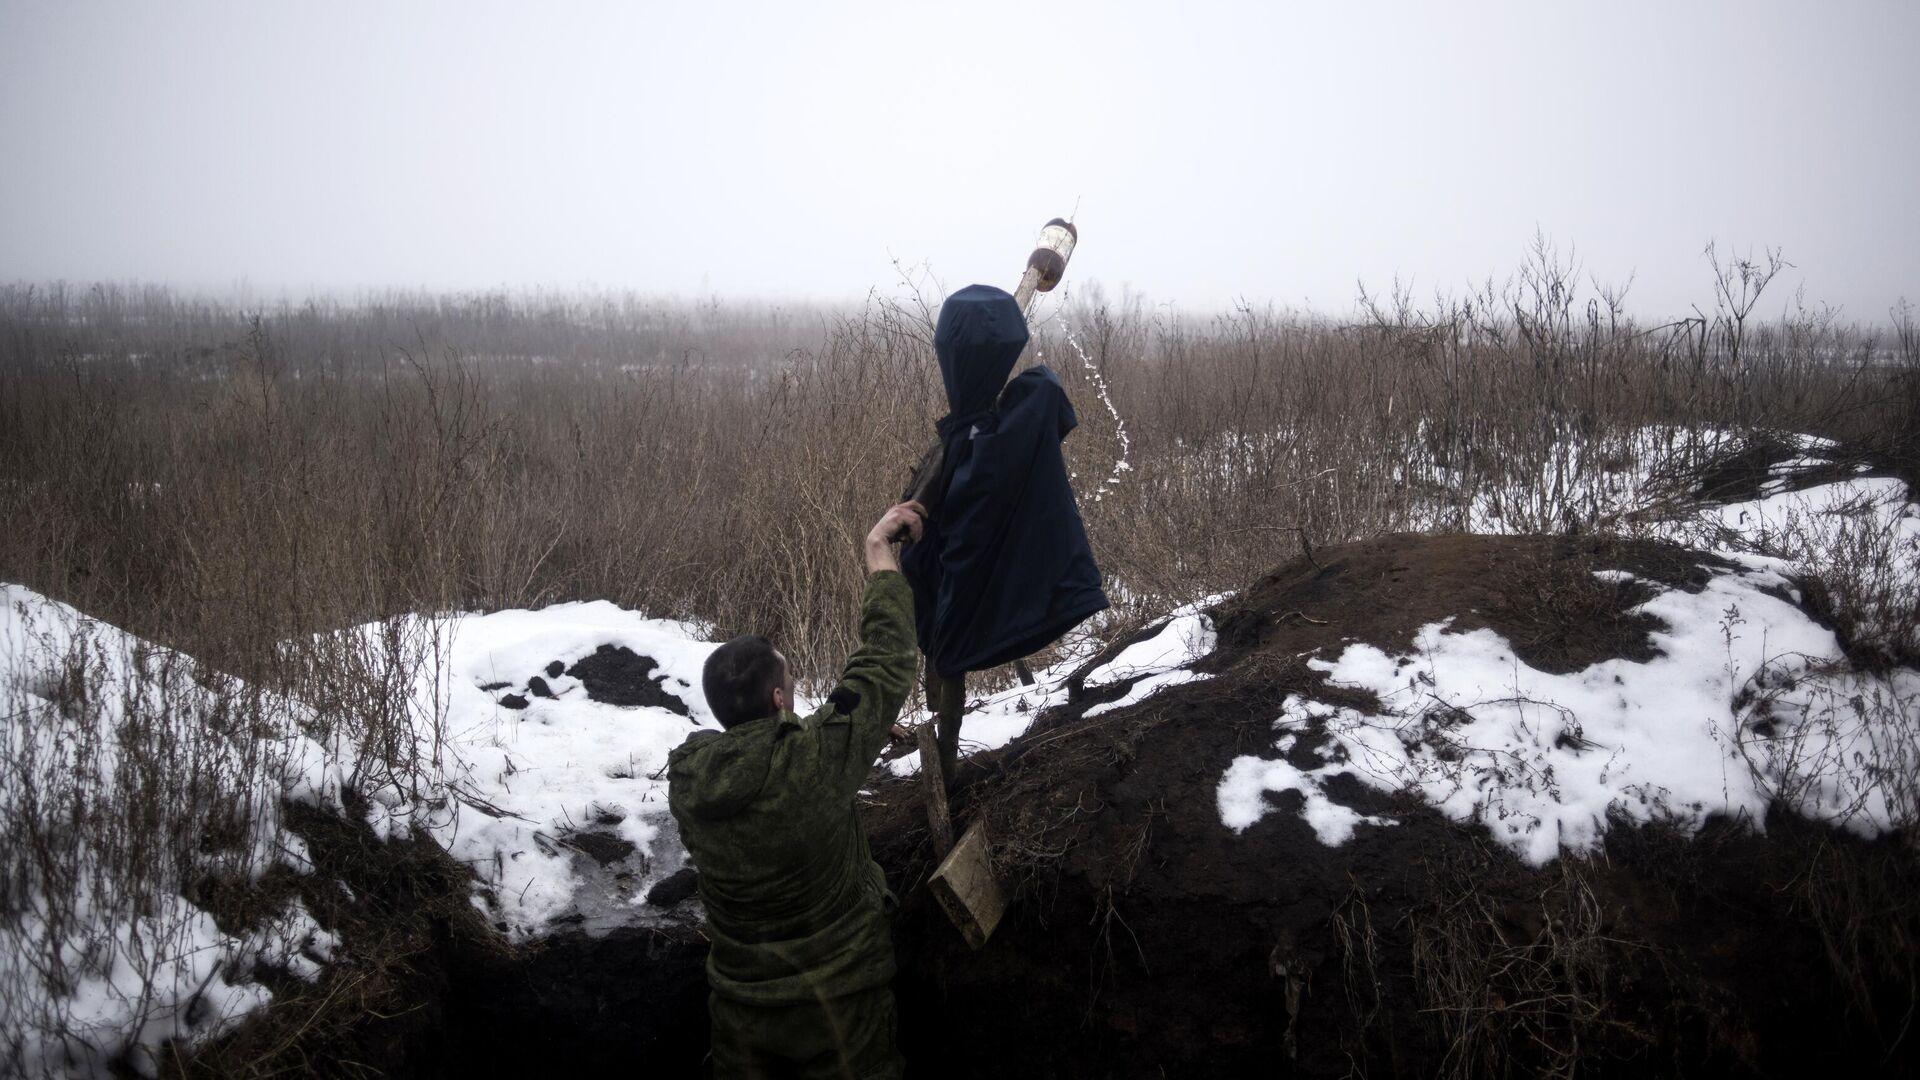 Военнослужащий ДНР в поселке Ясное Донецкой области - РИА Новости, 1920, 23.02.2021